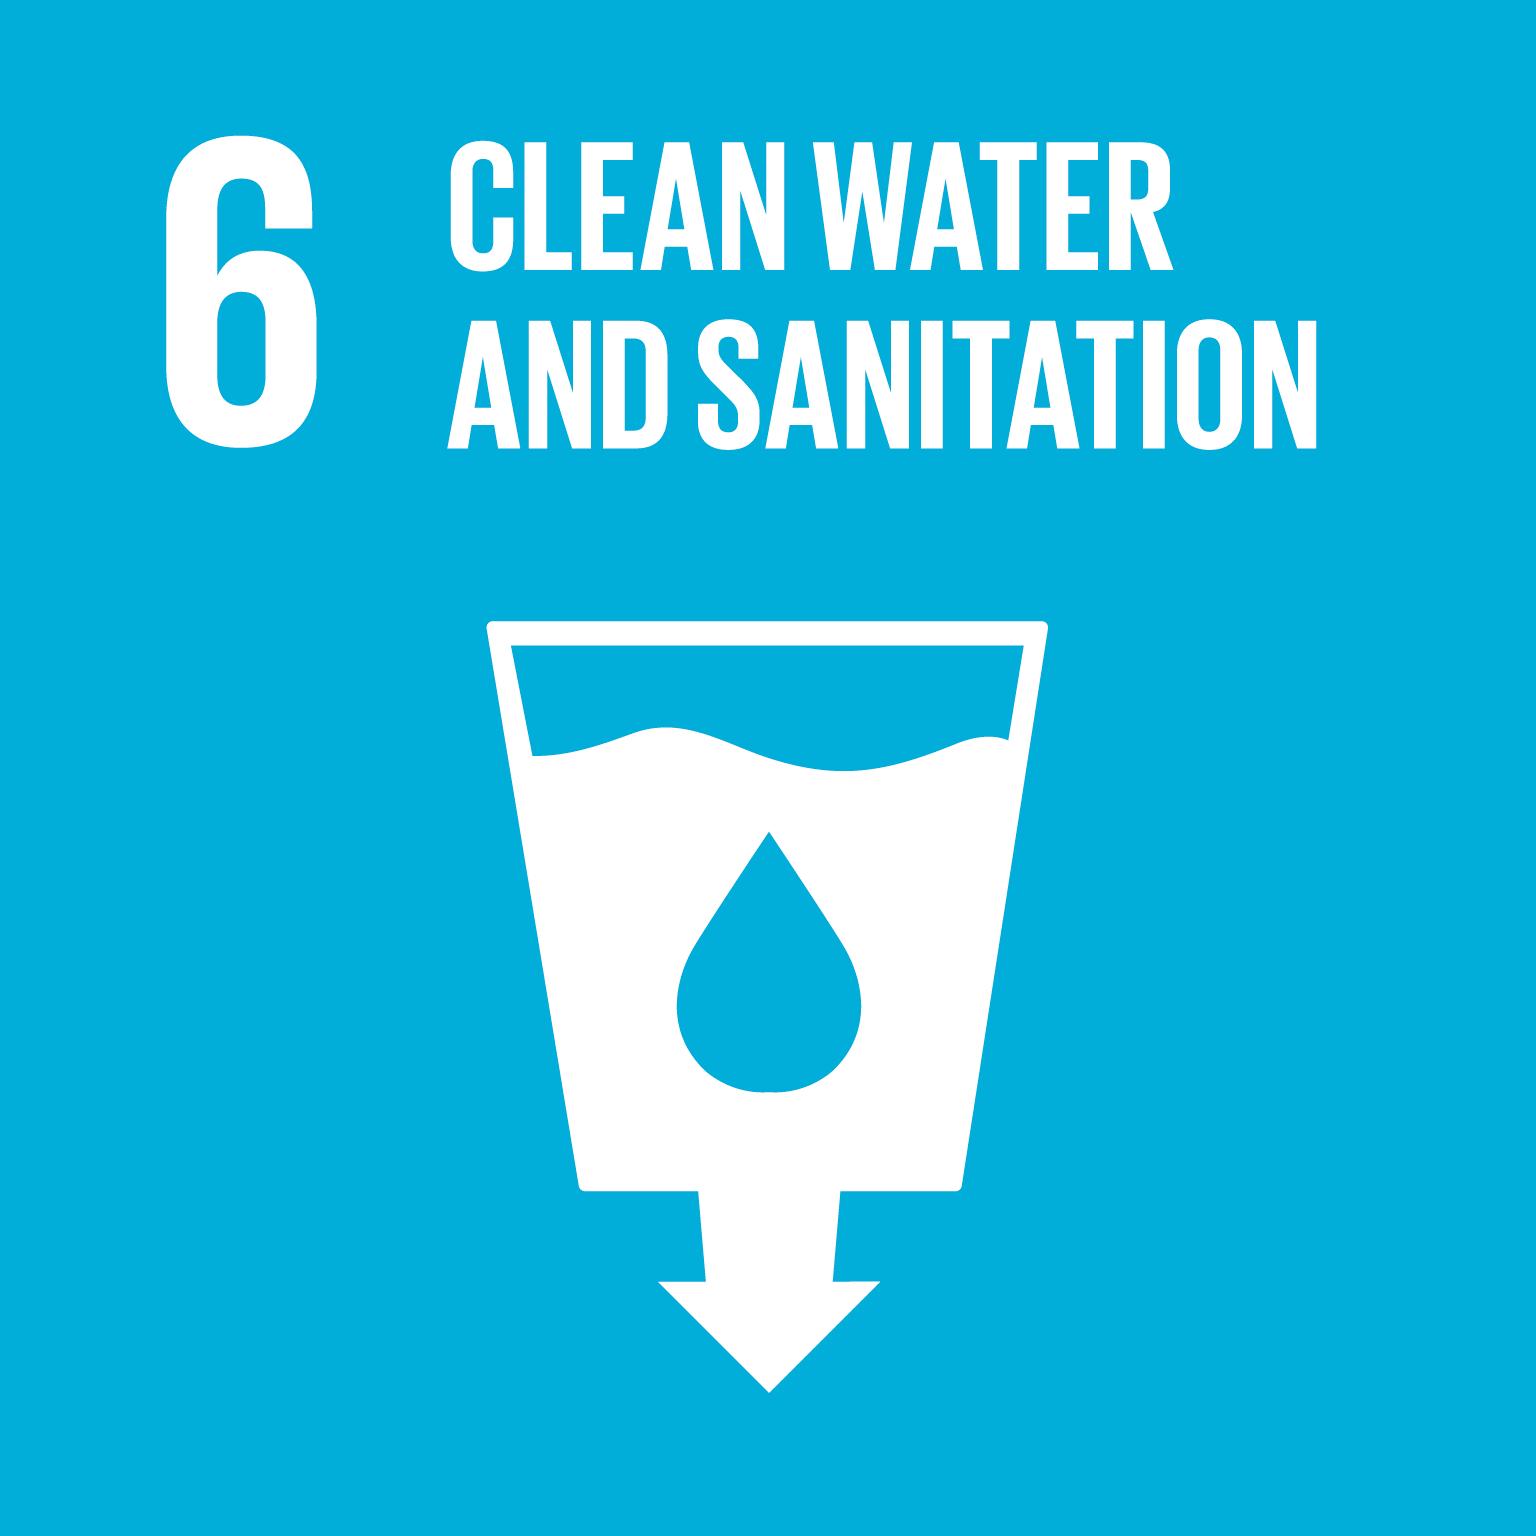 Goal 6 - Clean Water & Sanitation